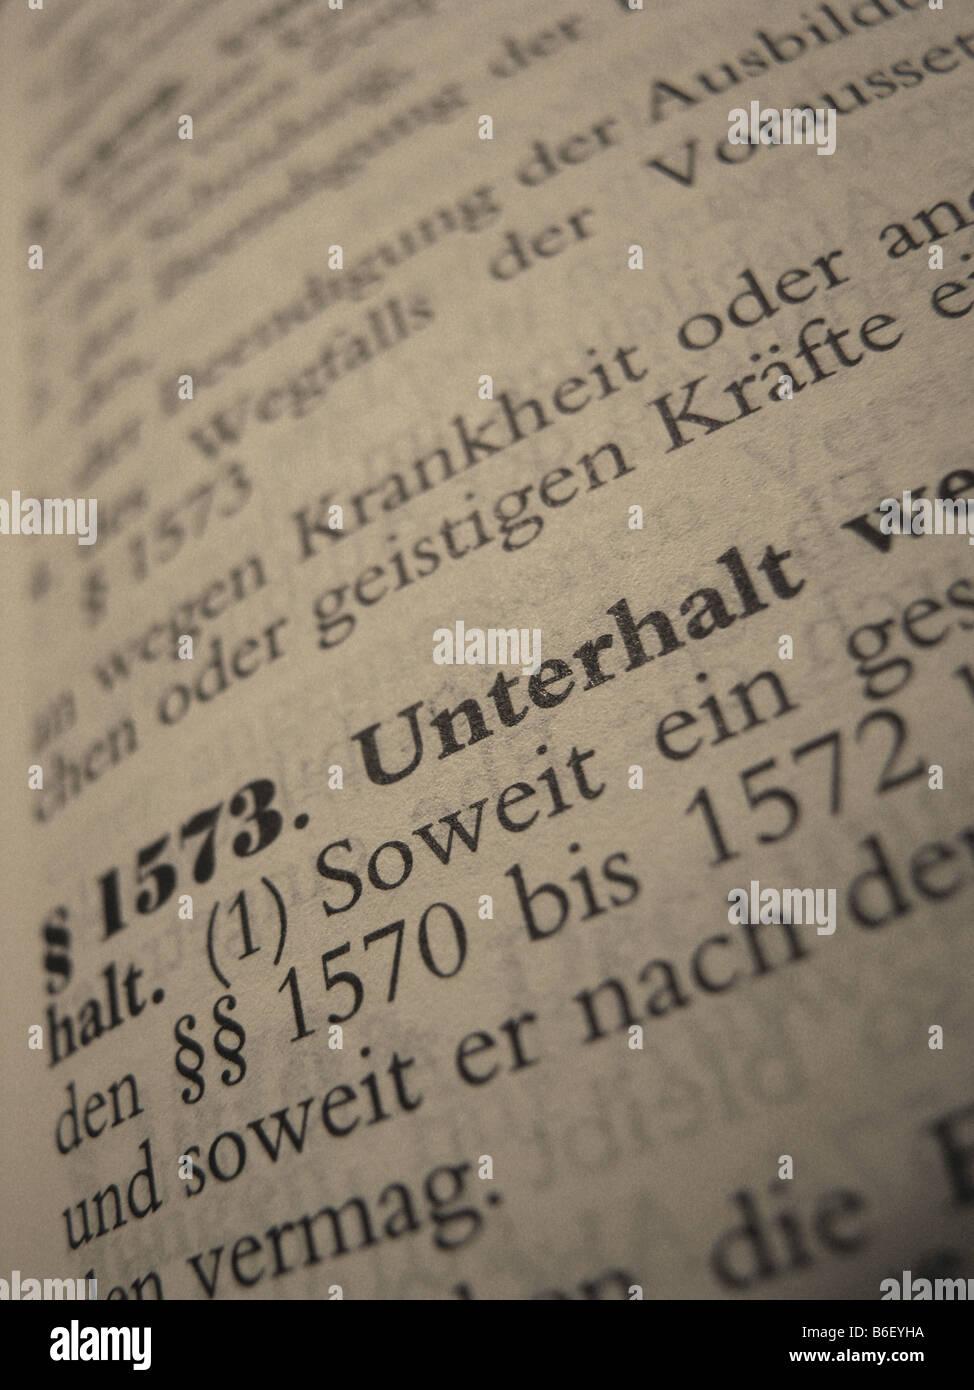 Testo giuridico nel libro dello statuto nazionale di diritto tedesco: Codice civile tedesco, (paragrafo) 1573: alimony Immagini Stock